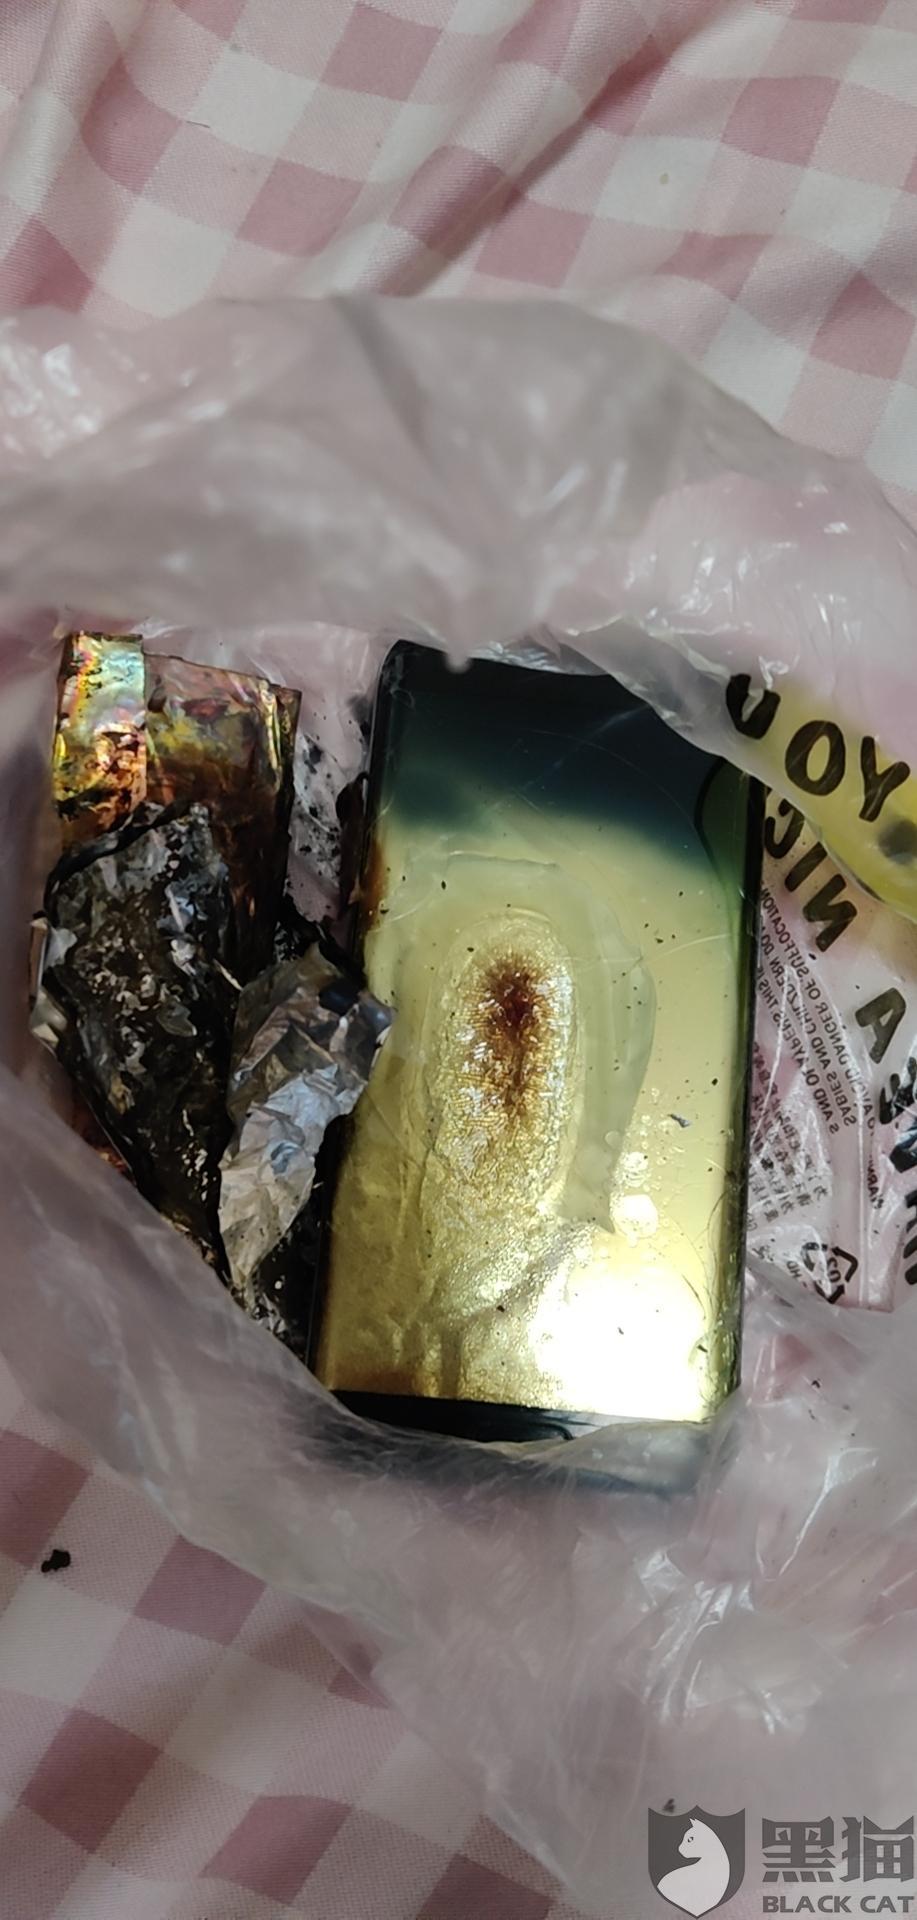 黑猫投诉:三星s7e在使用过程中电池燃烧导致手机爆炸